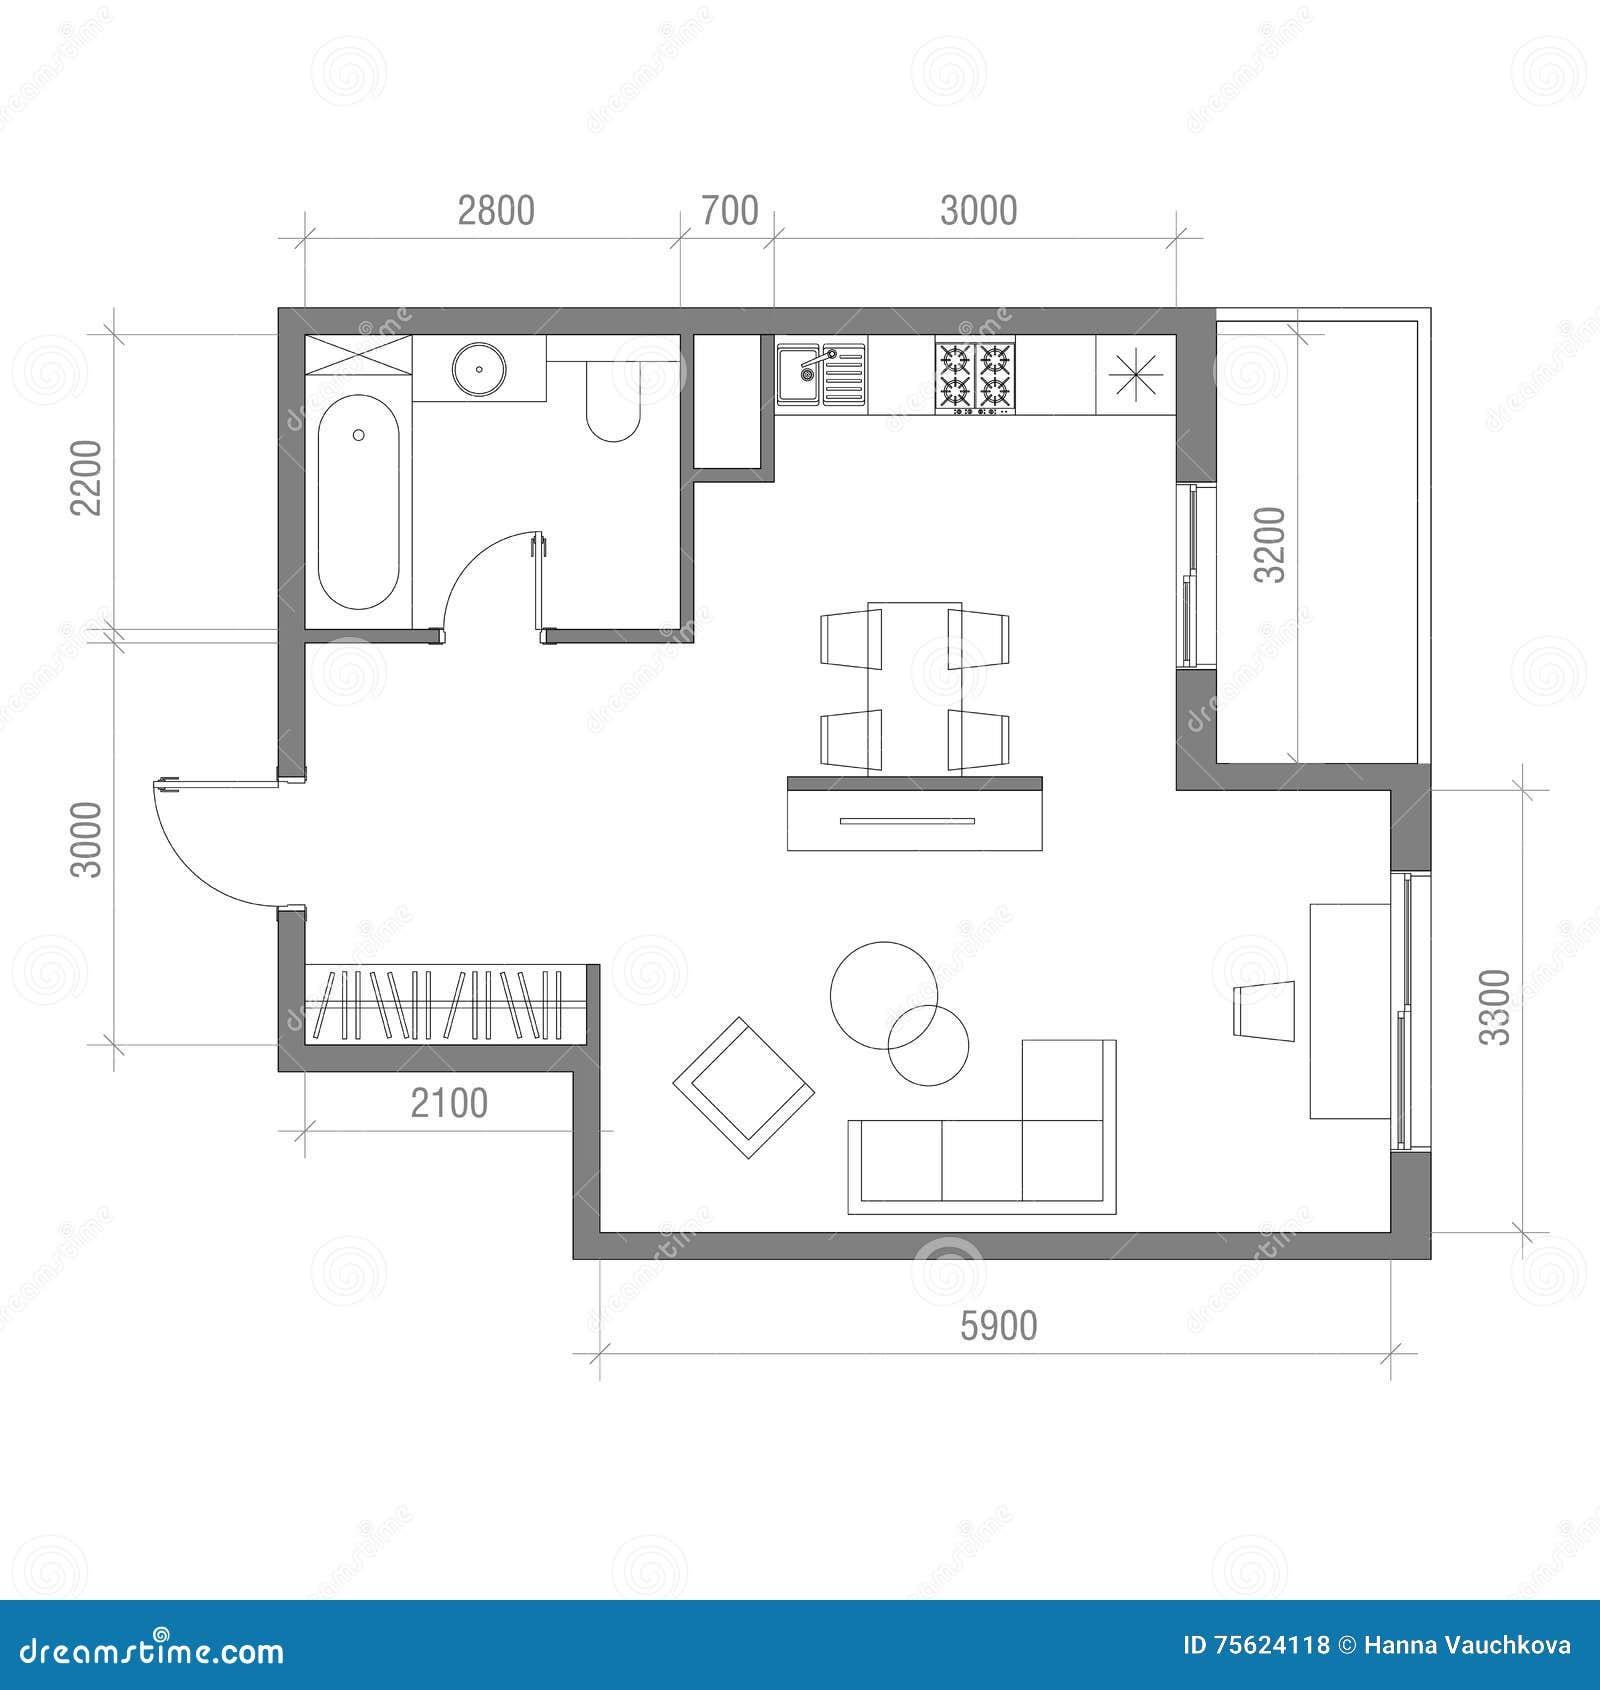 Plan De Piso Arquitect Nico Con Dimensiones Ejemplo Del Vector Del  # Muebles Dibujo Arquitectonico